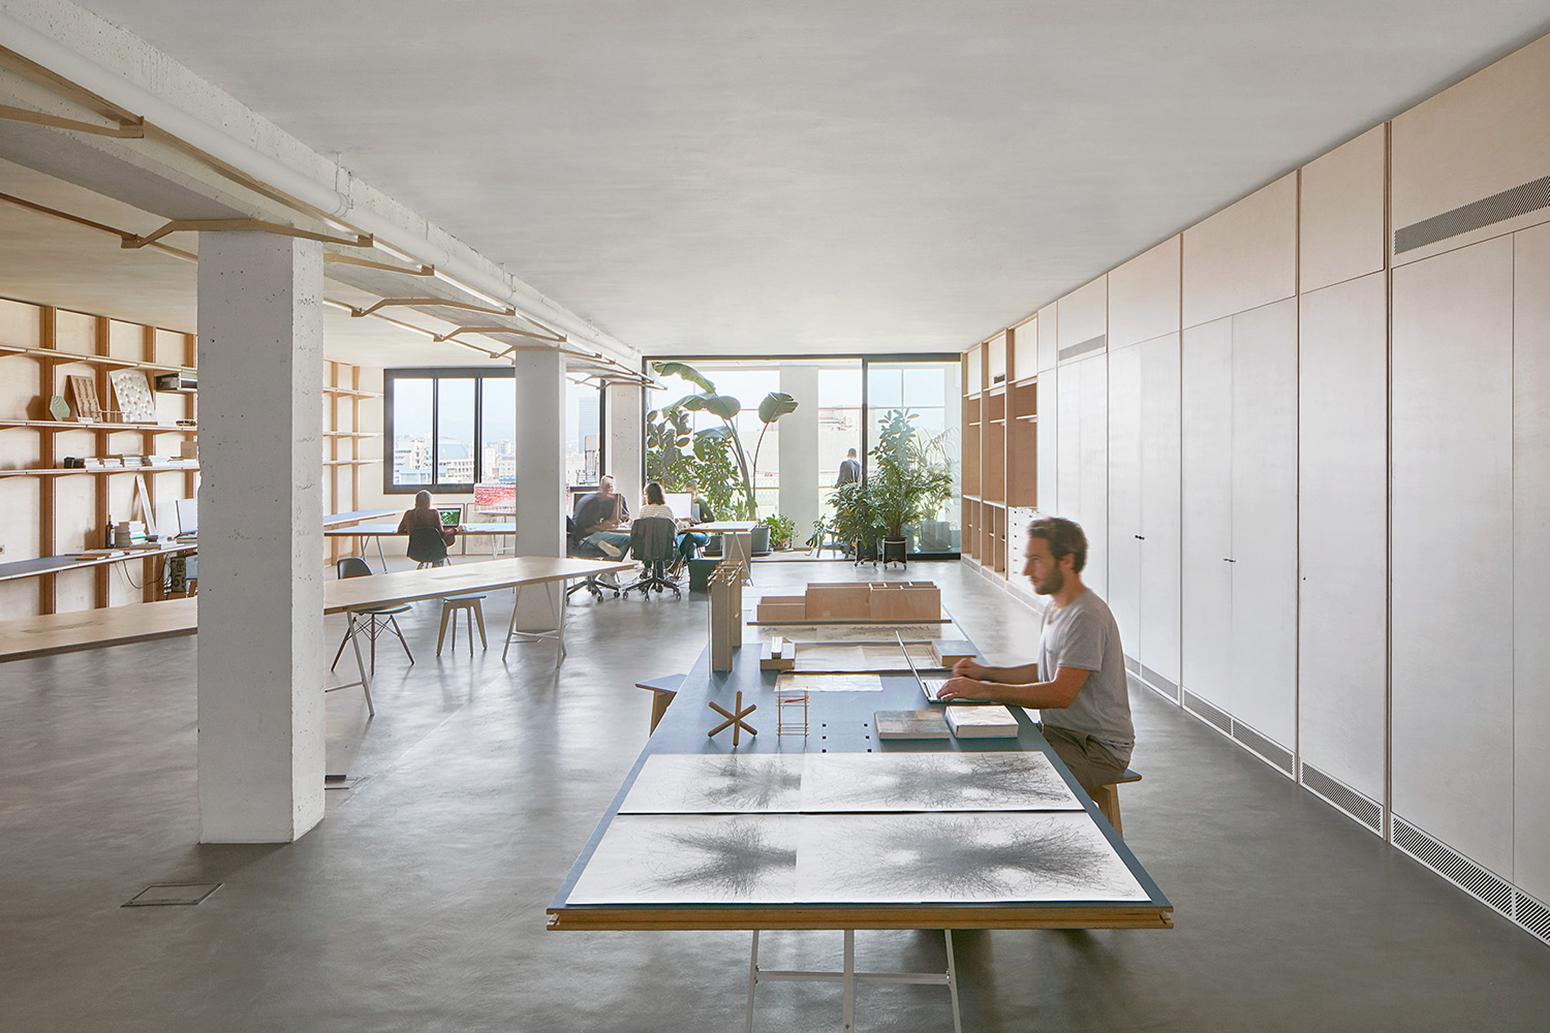 Co working de los arquitectos appareil en el distrito 22 - Trabajo arquitecto barcelona ...